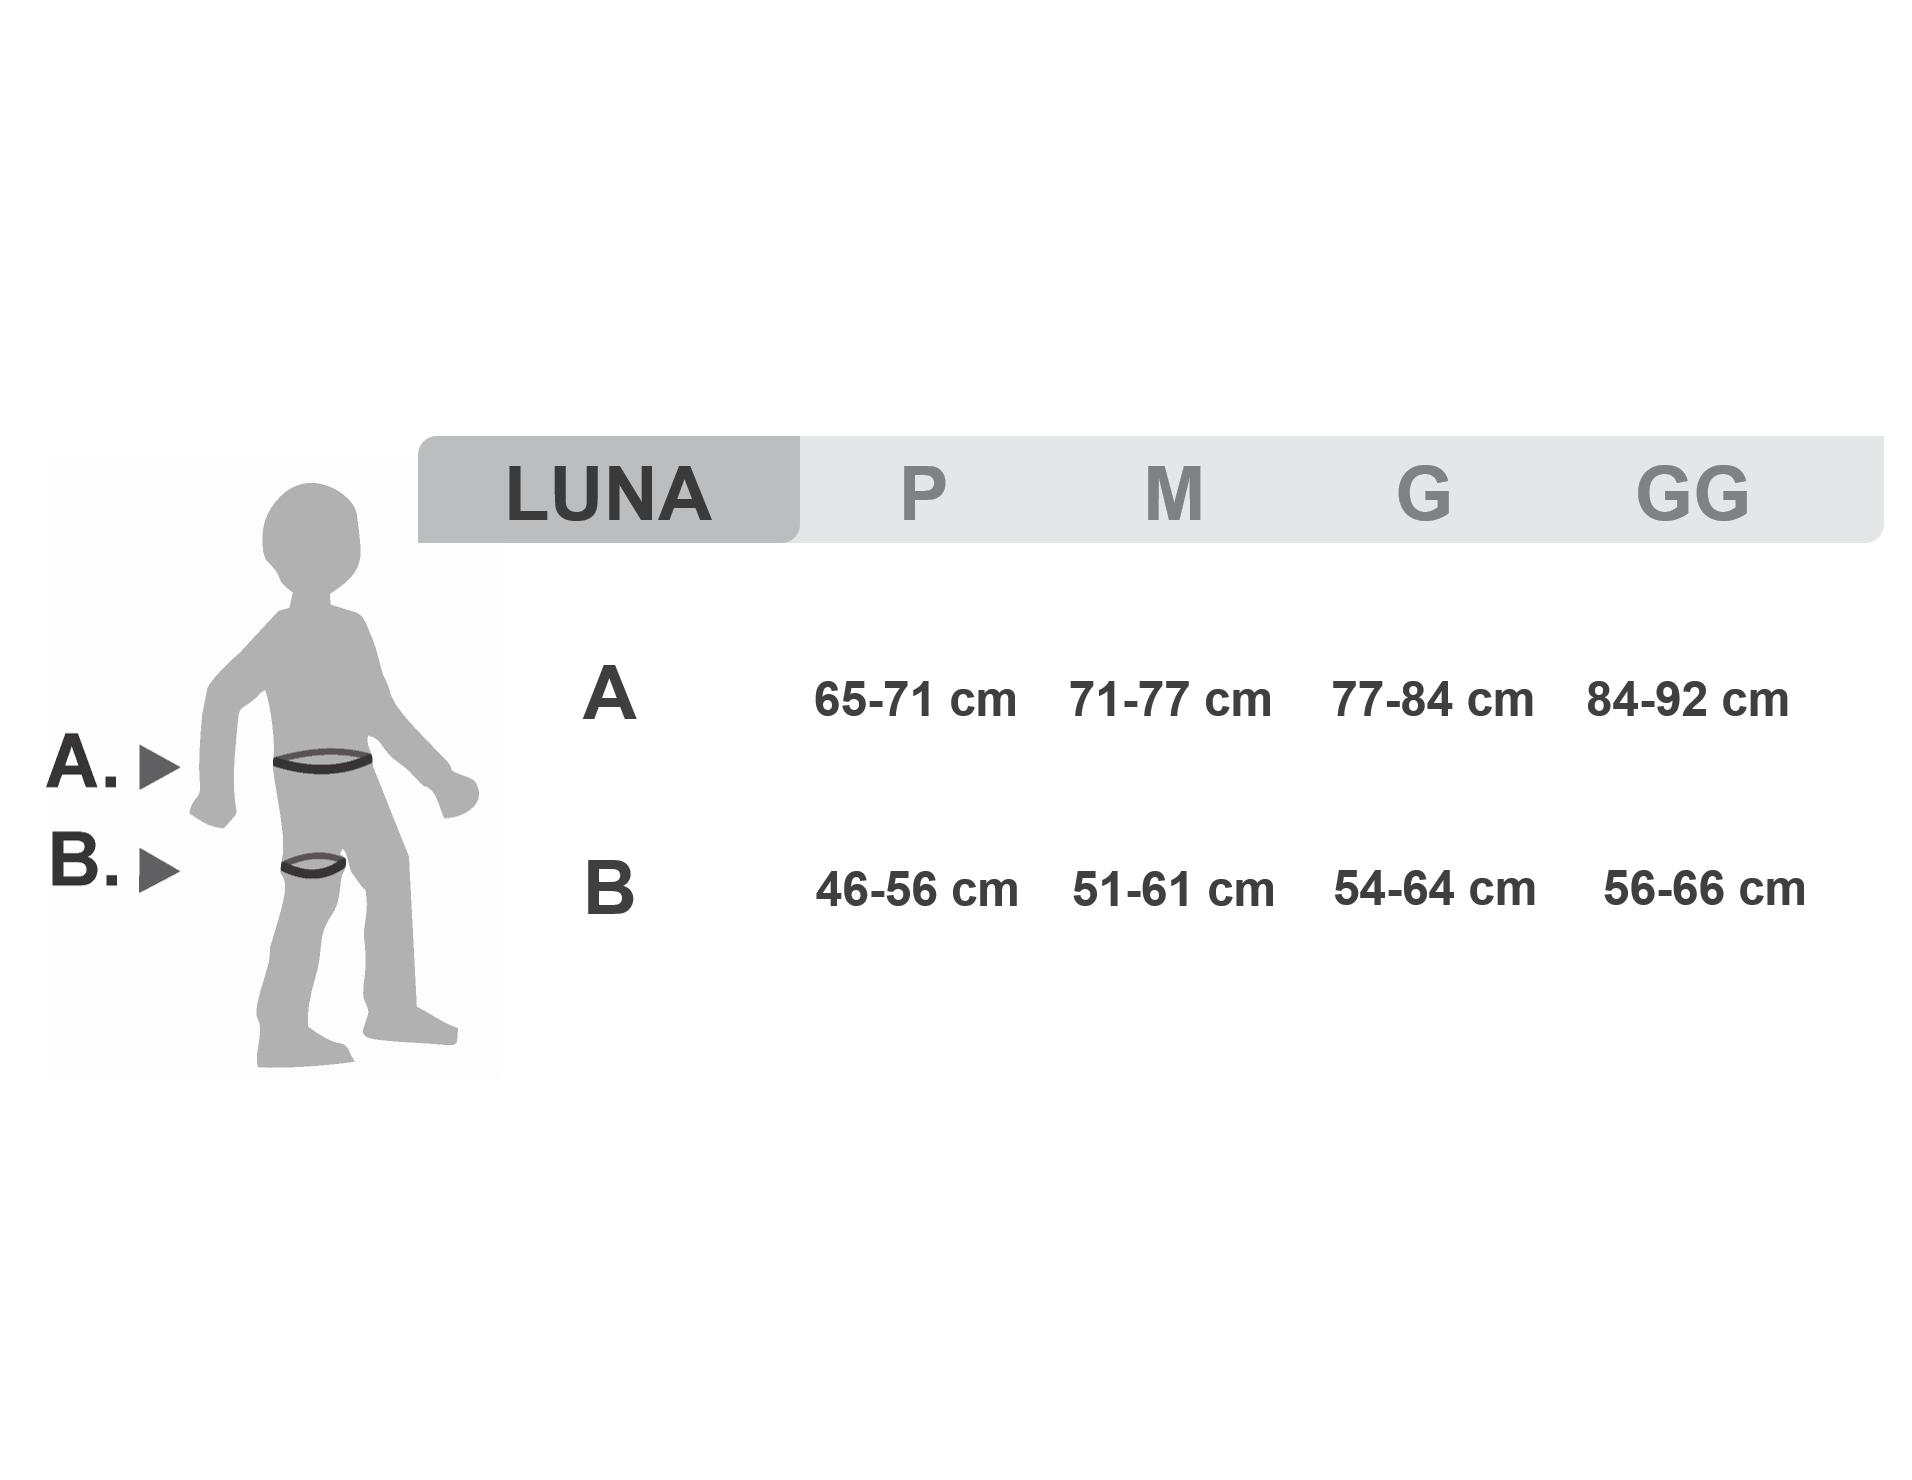 Luna - Cadeirinha Feminina para Escalada Petzl